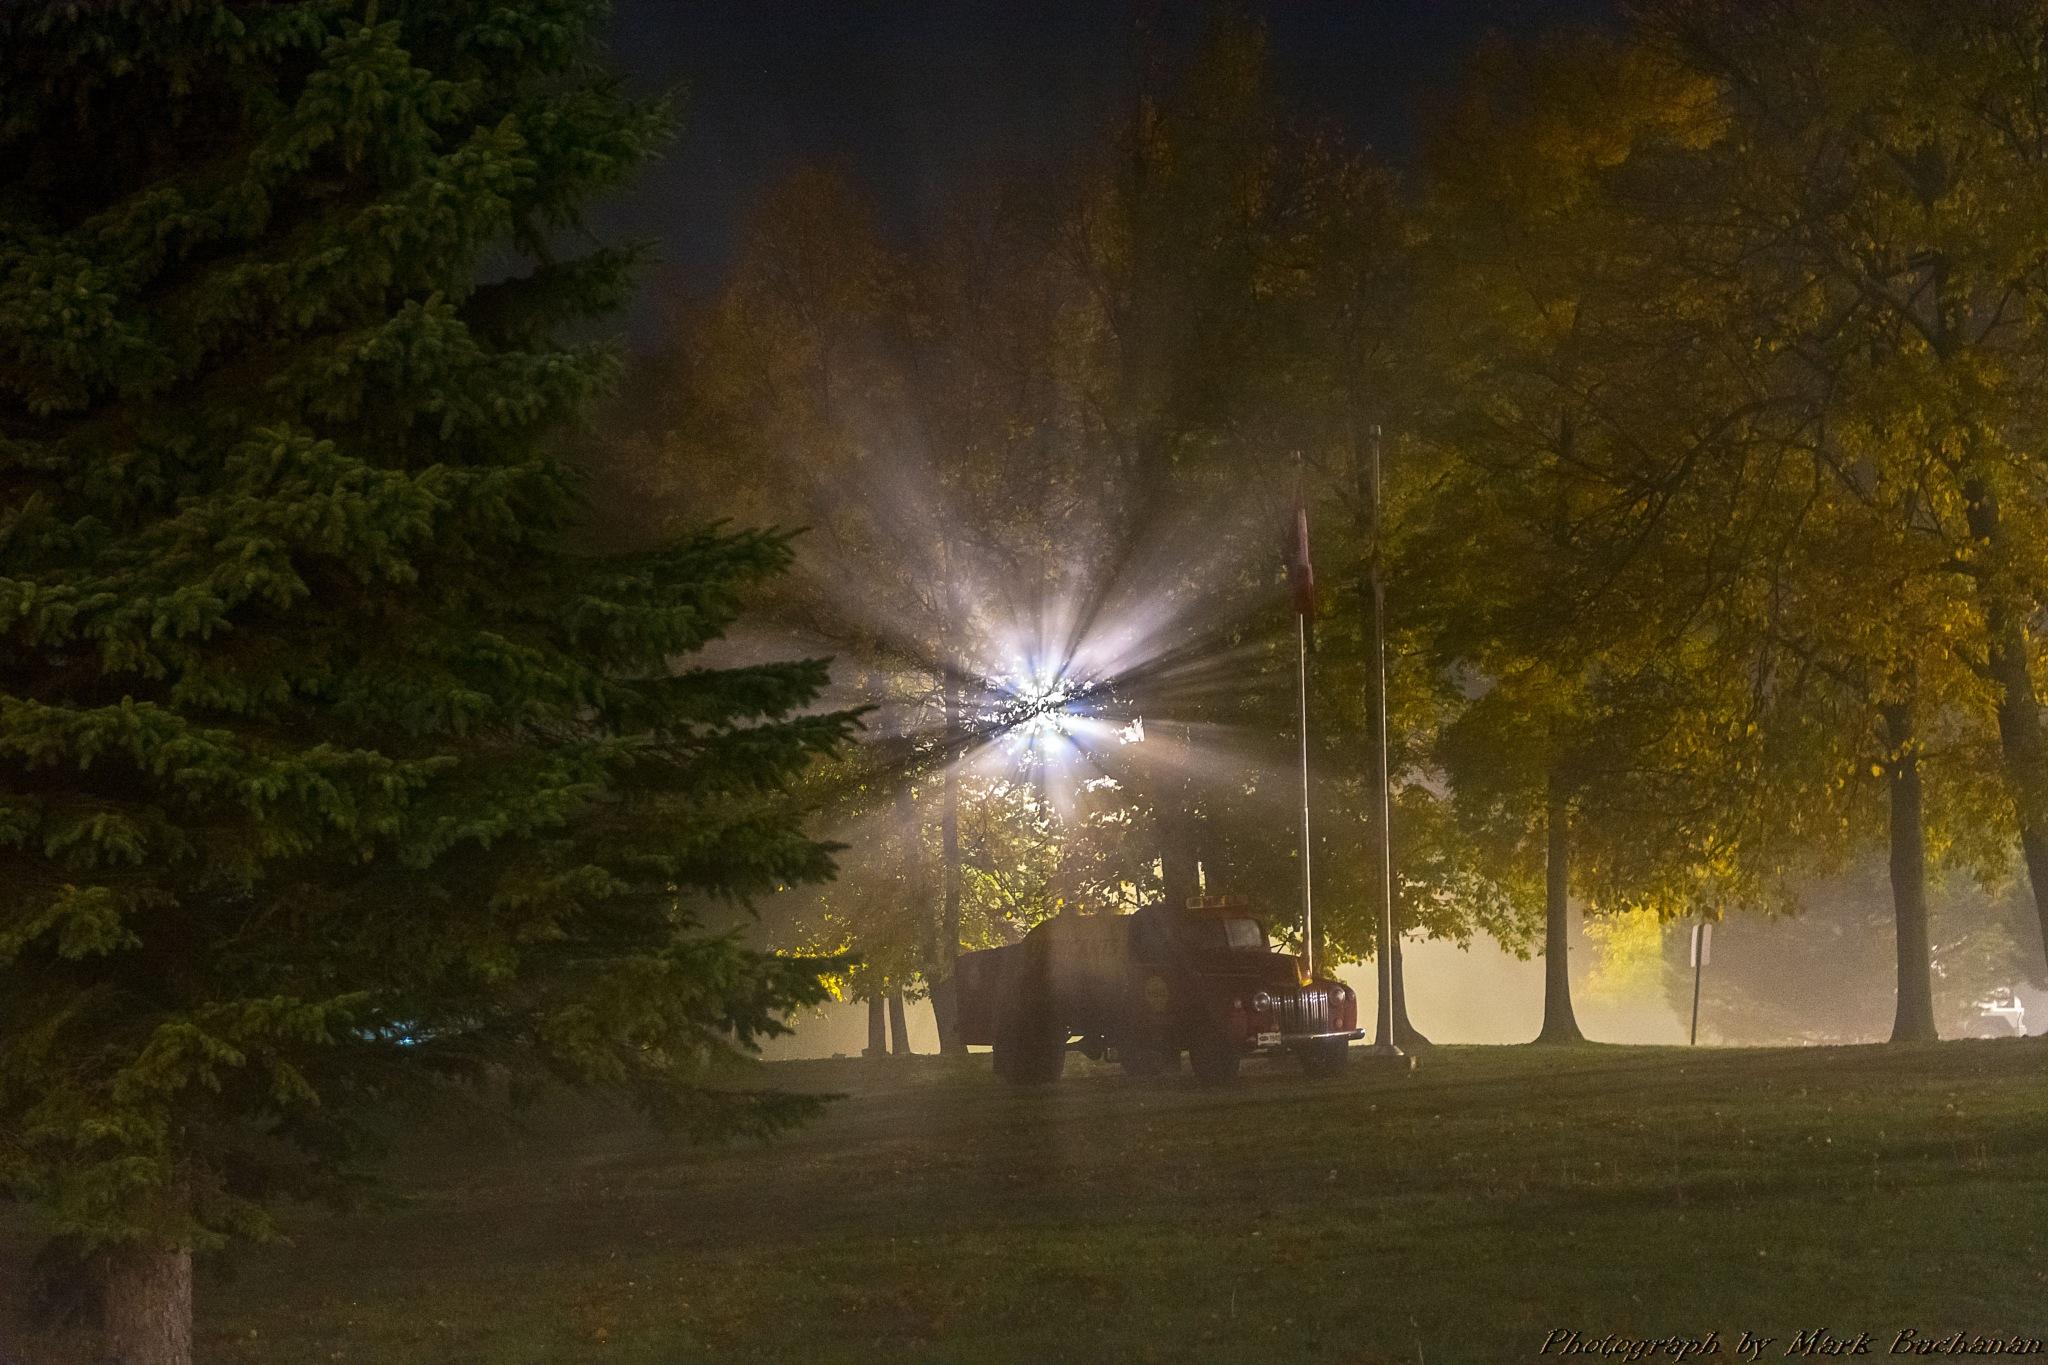 Foggy 1 by Mark Buchanan